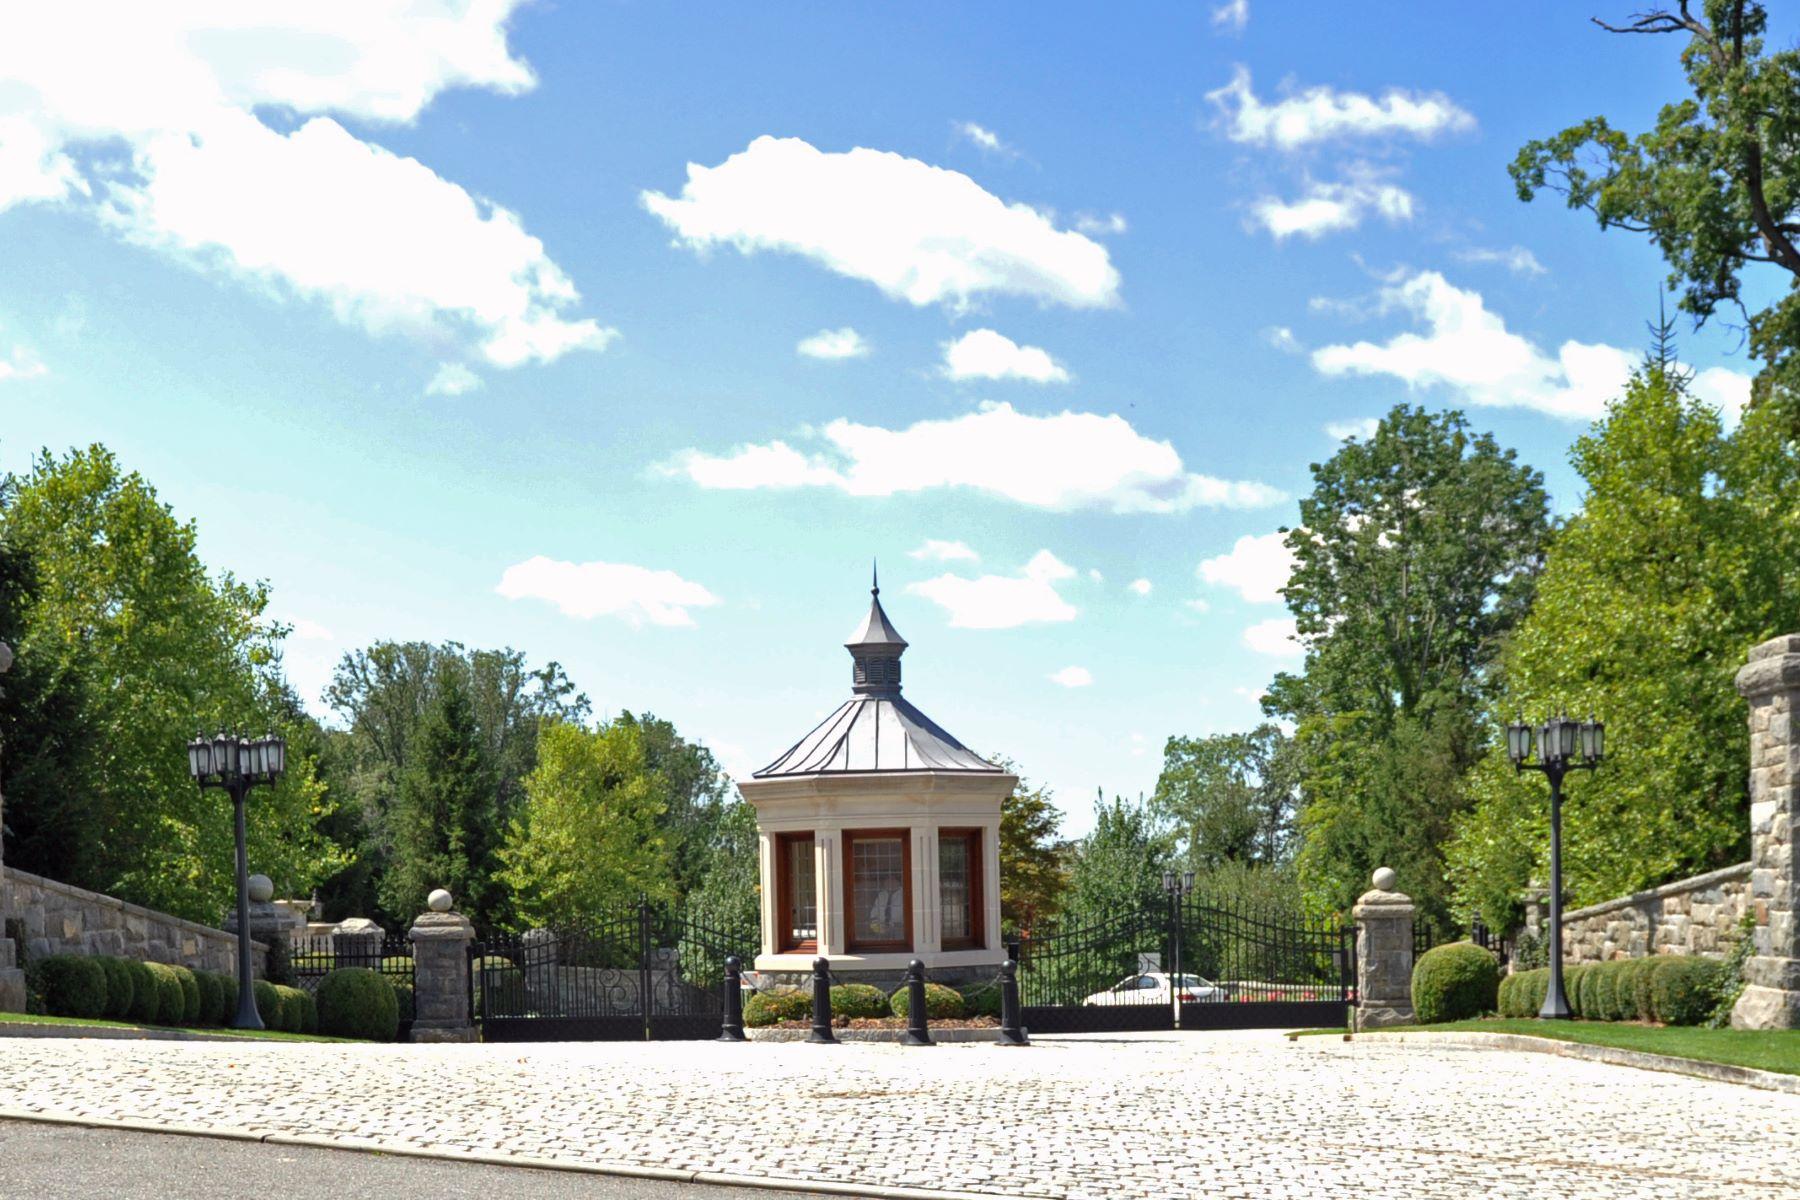 Земля для того Продажа на Gated Community 6 Frick Drive, Demarest, Нью-Джерси 07627 Соединенные Штаты